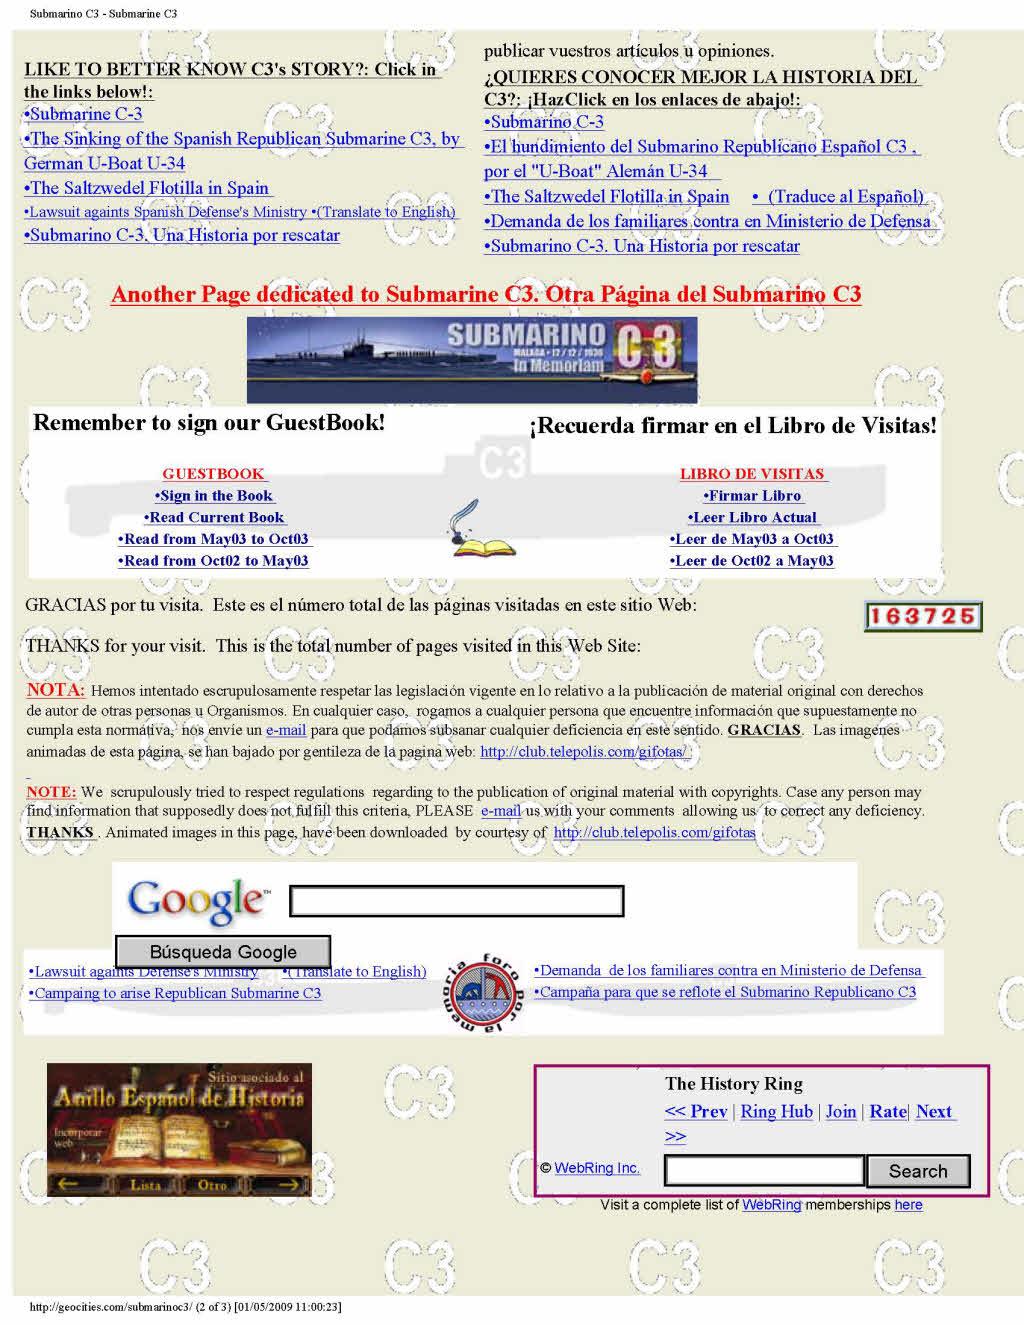 WebAntiguaOptimizadoA_Page_02.jpg